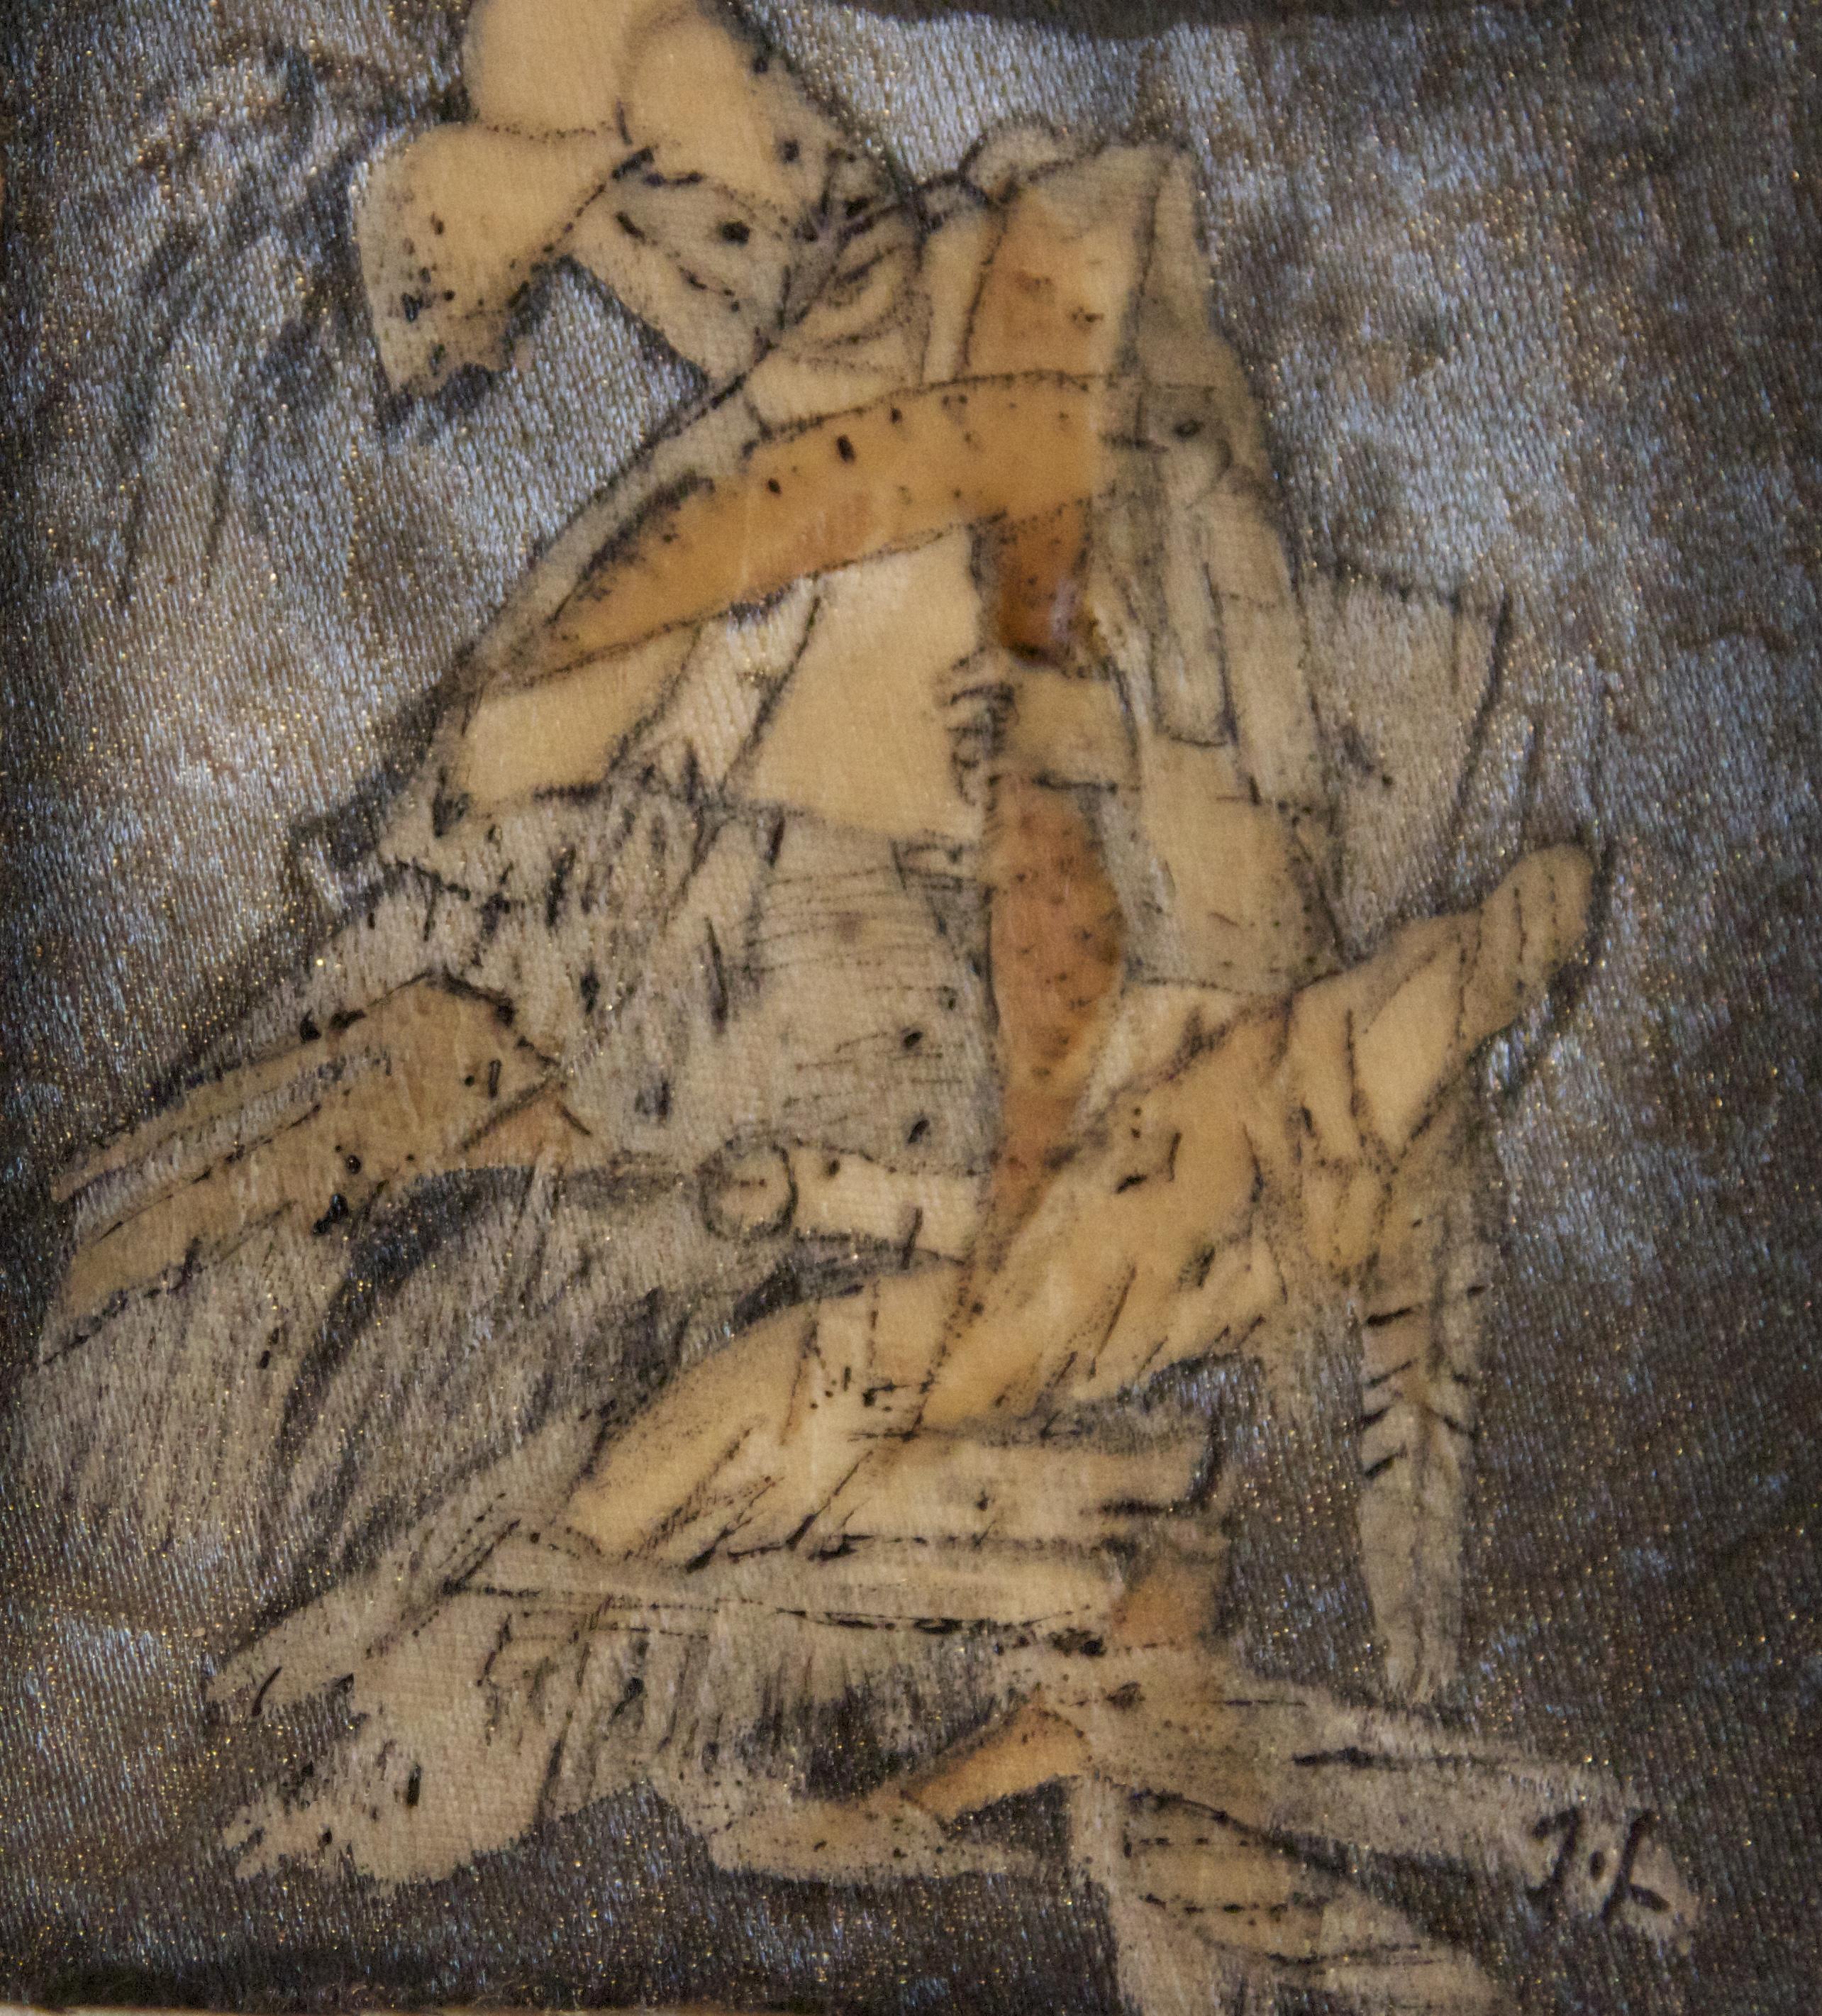 Cartes et sextant